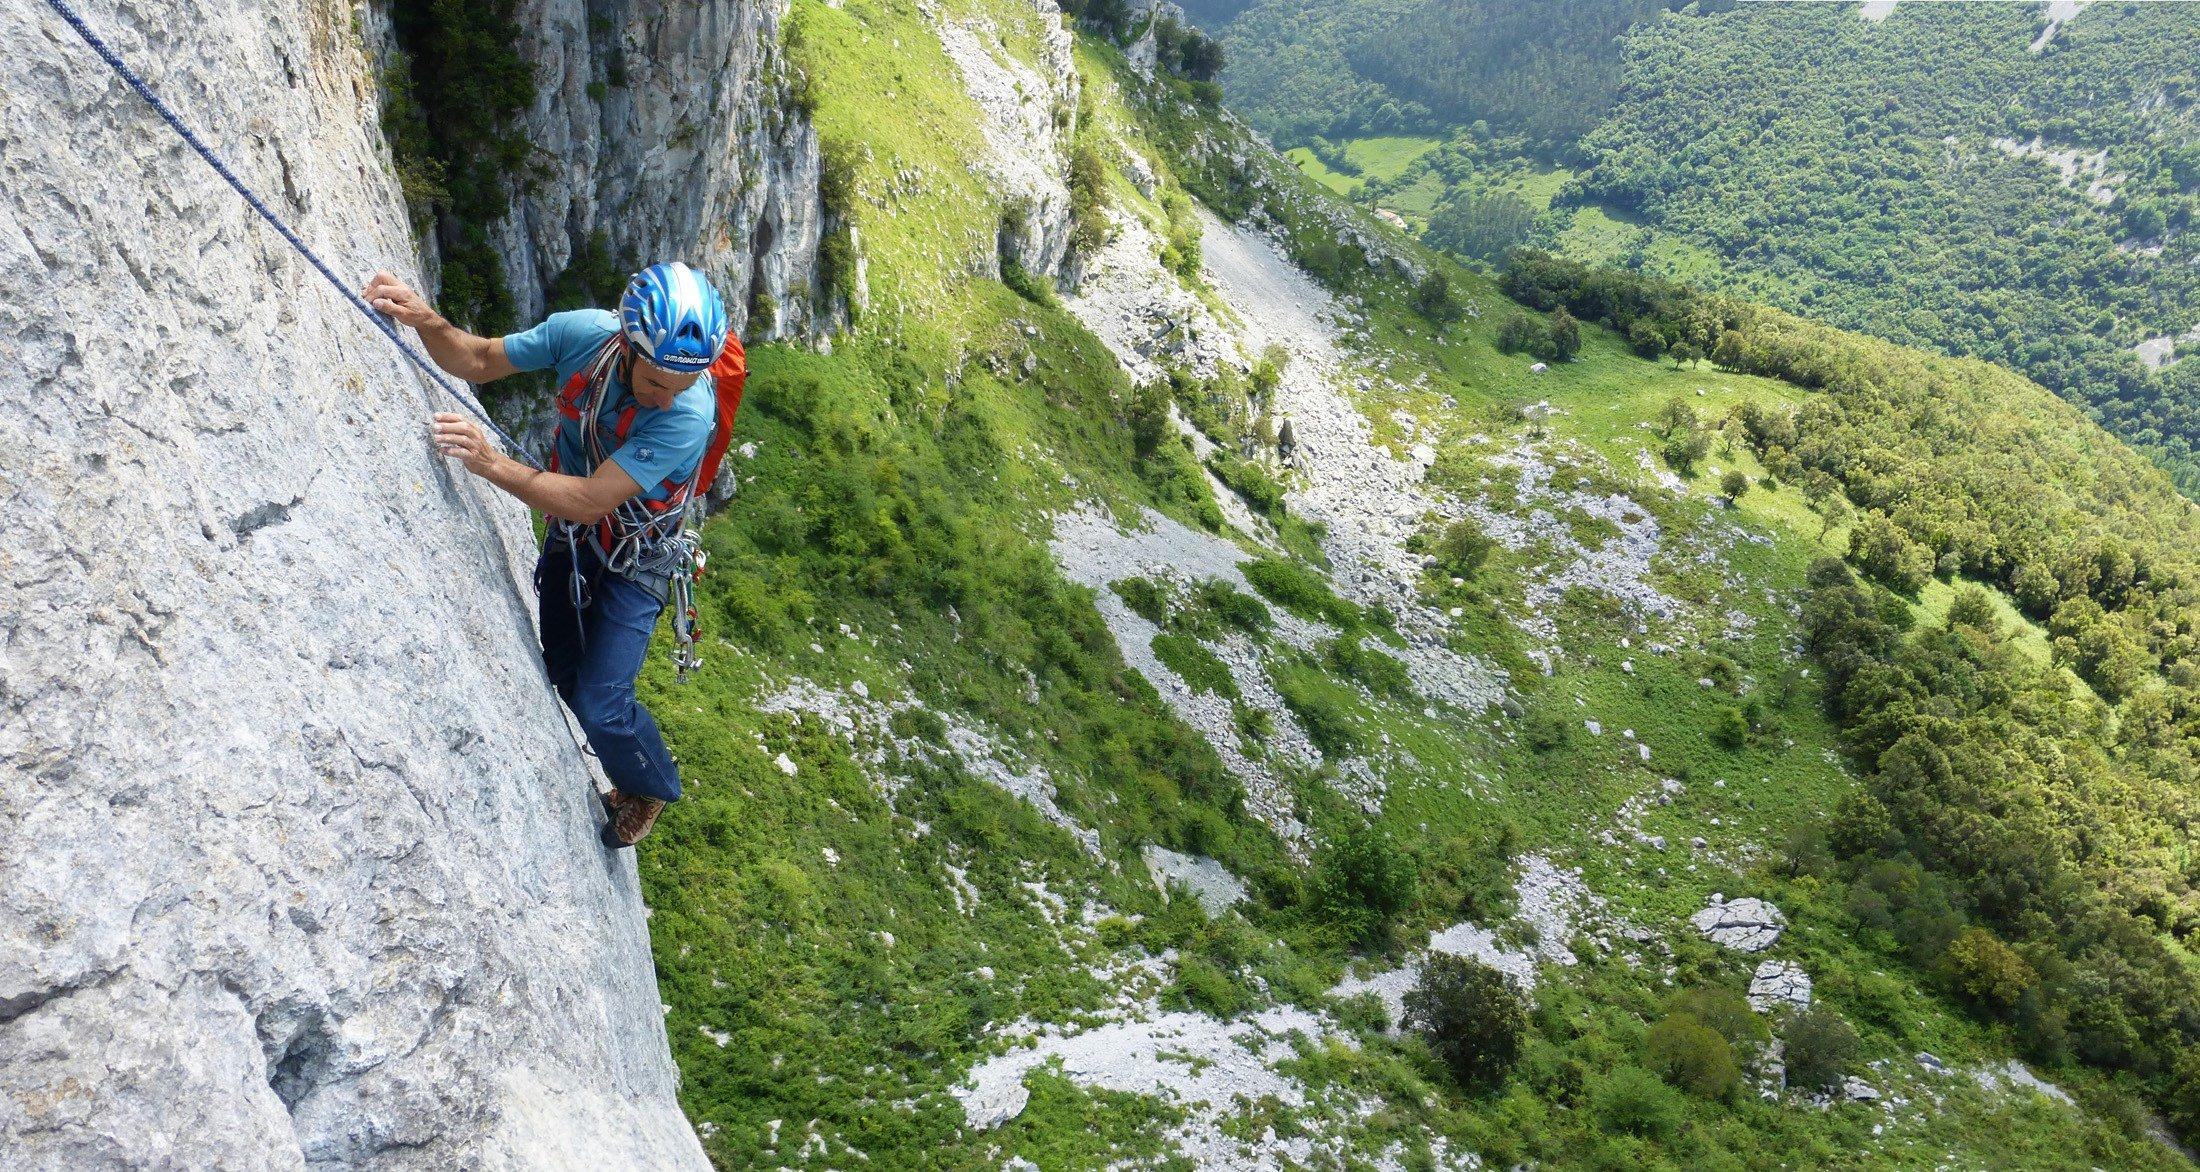 Escalada en roca gu as picos for Roca de guia